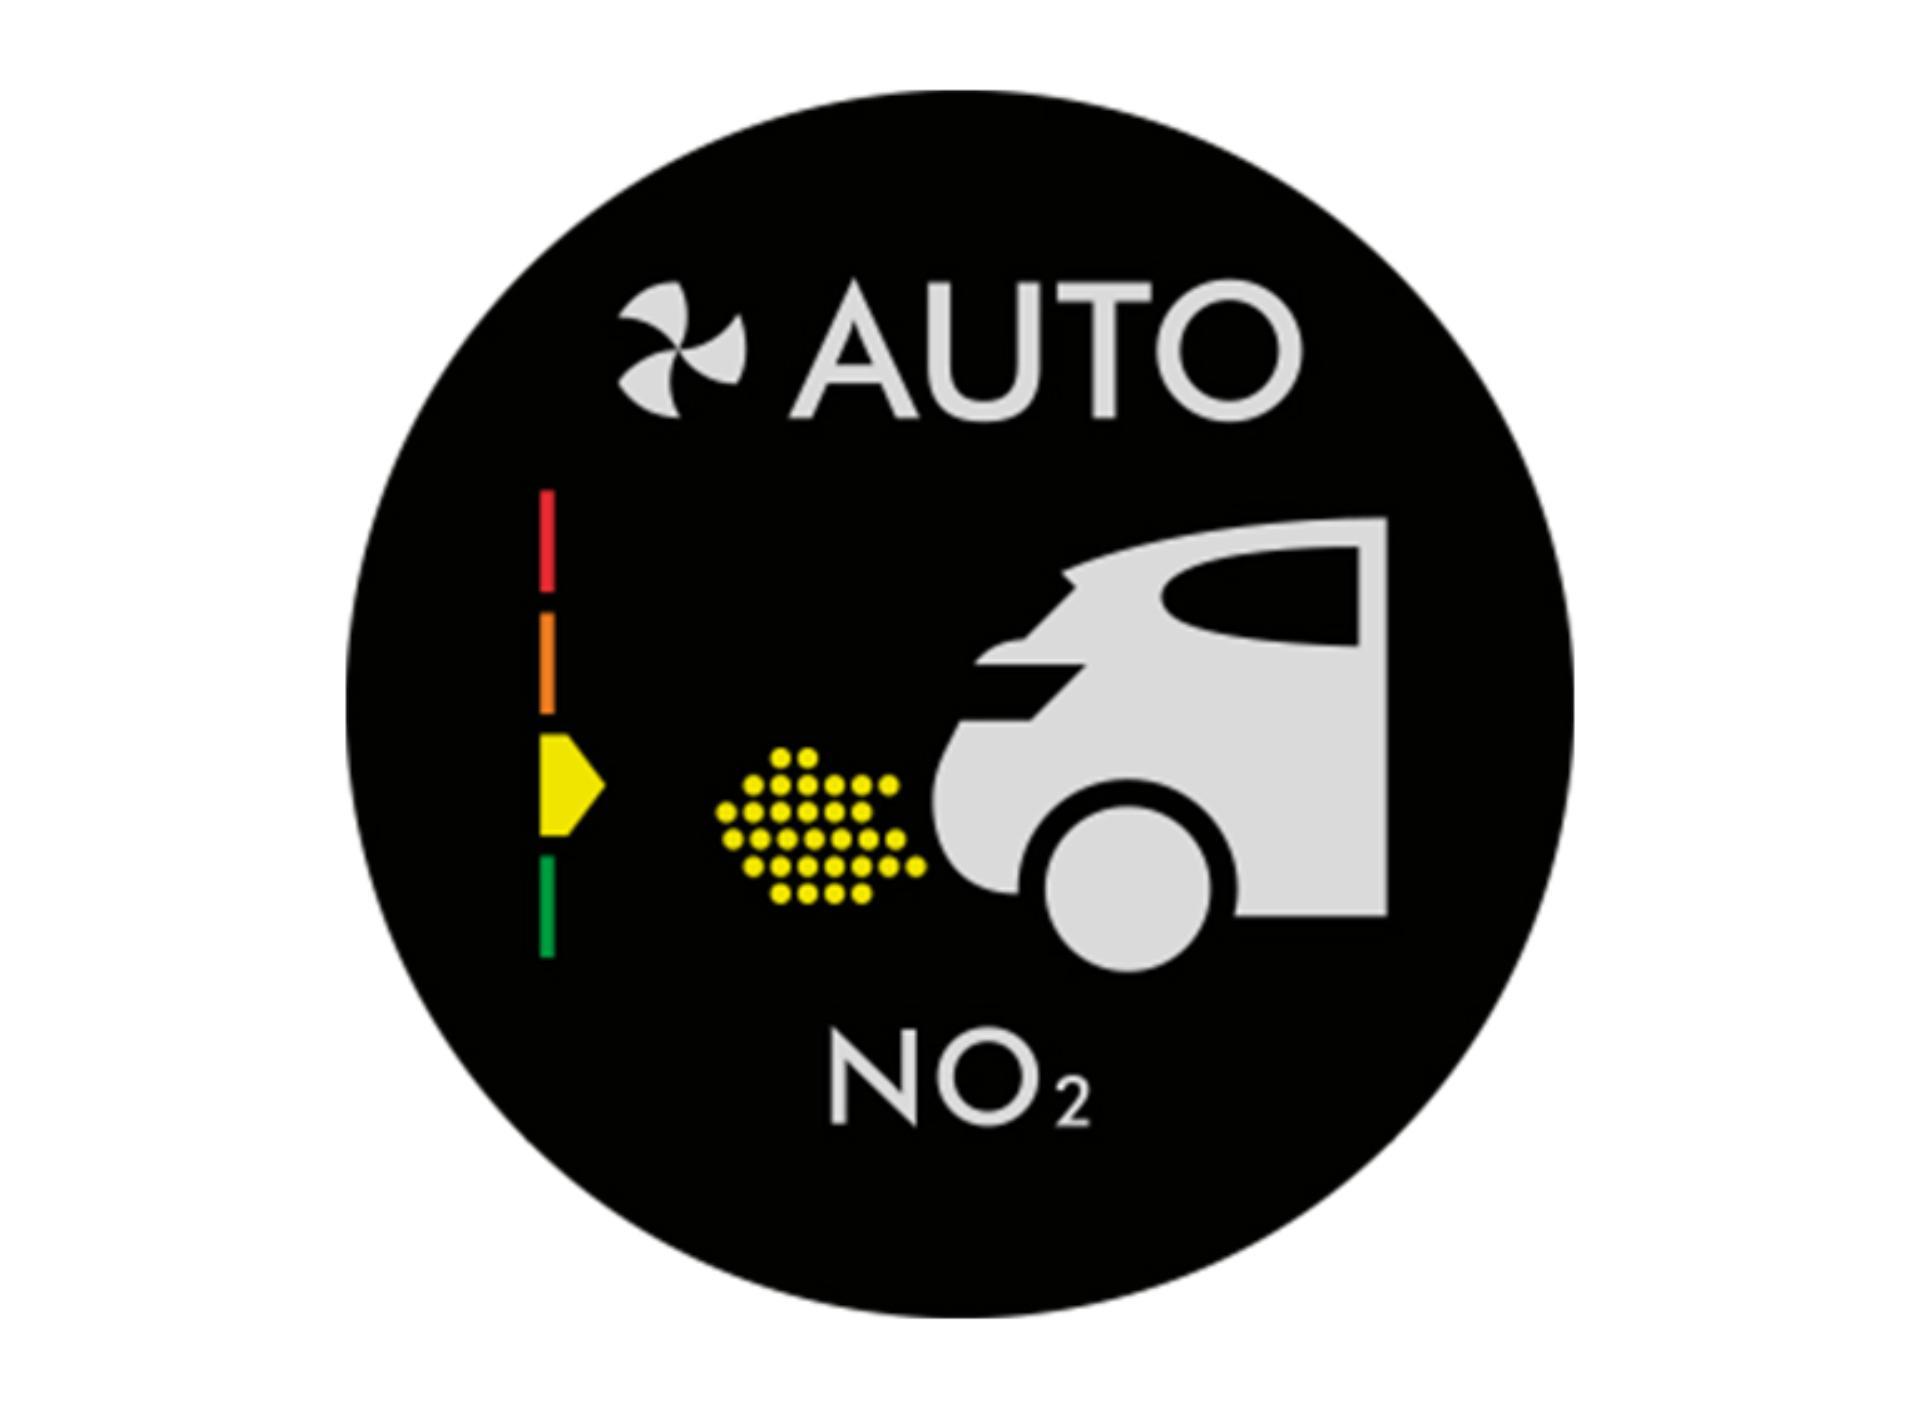 Gépkocsi kibocsátást mutató ábra